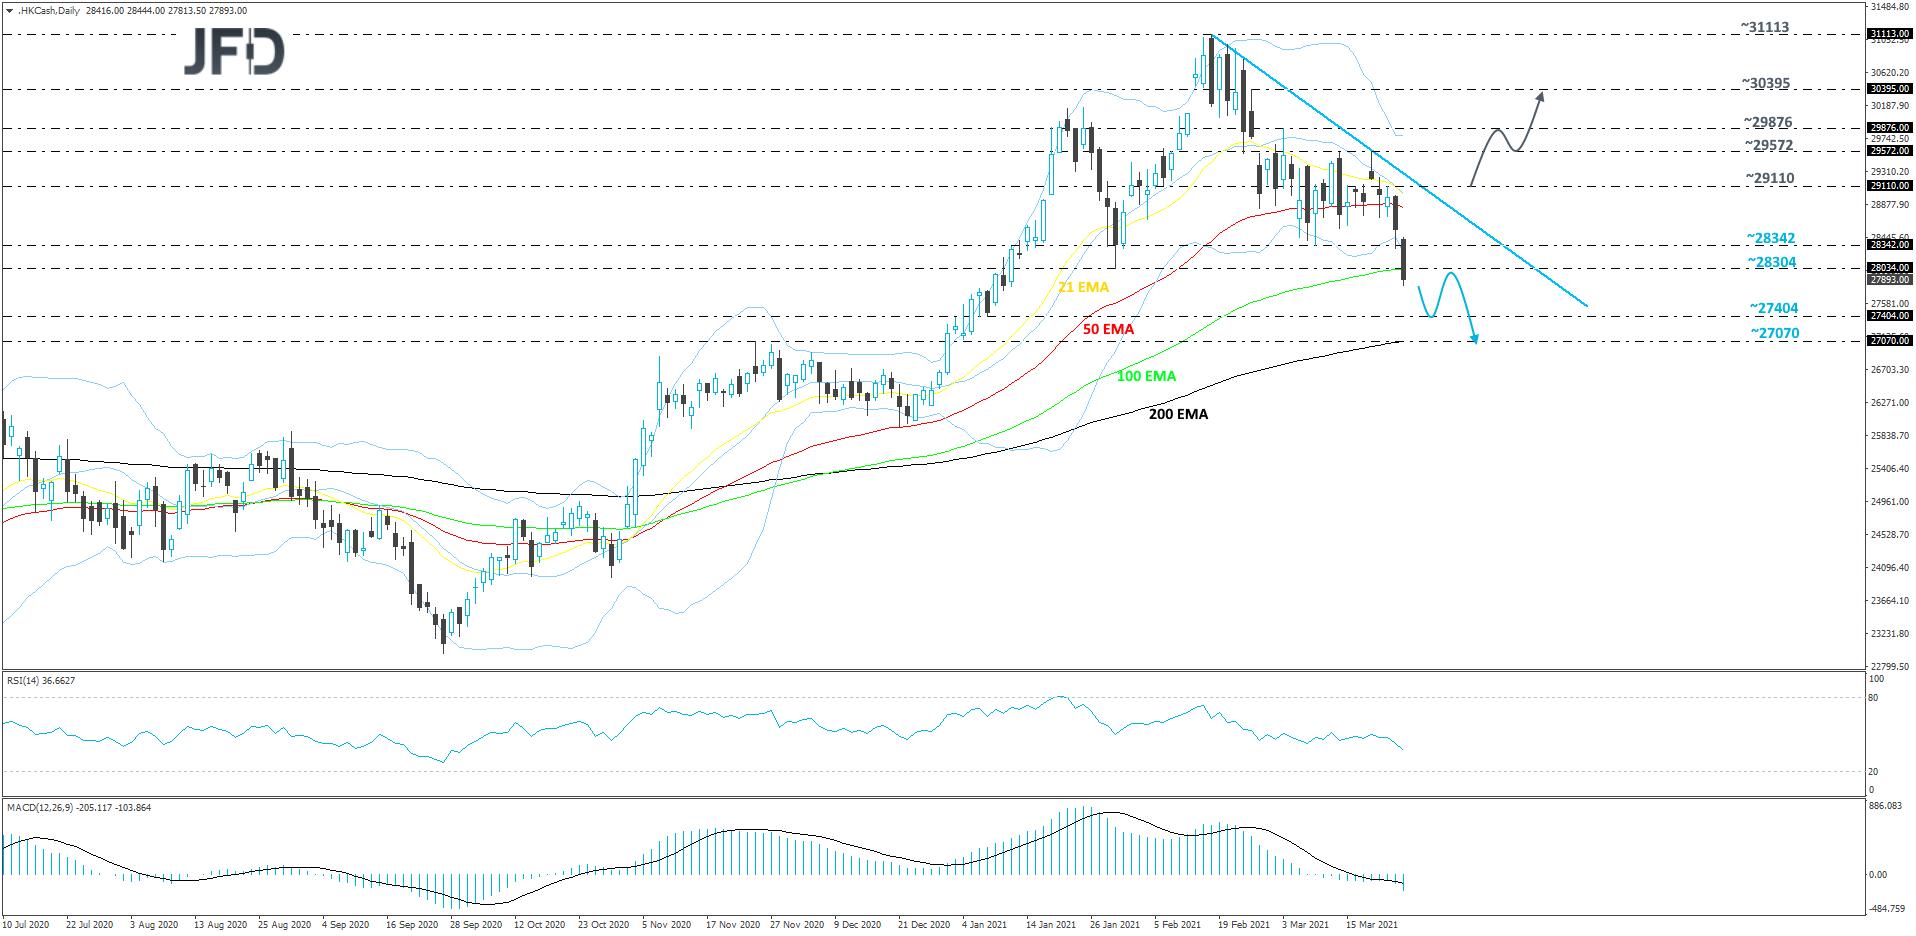 Hong Kong Hang Seng daily chart technical analysis